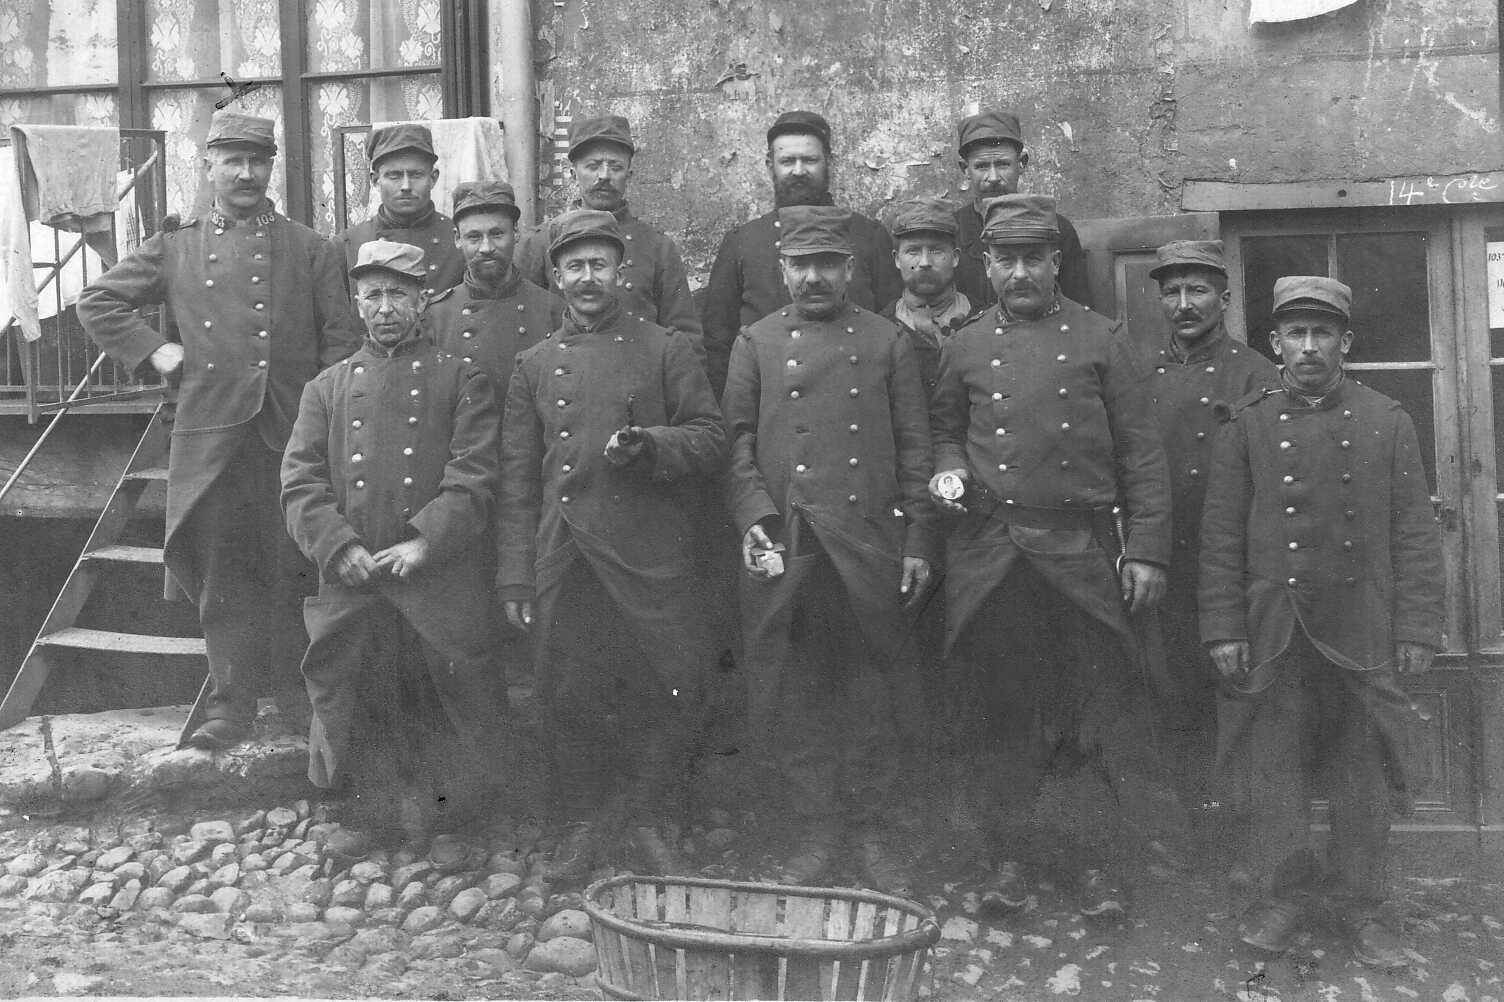 Pierre-Marie-Regis-Barthollet-Soldats.jpg